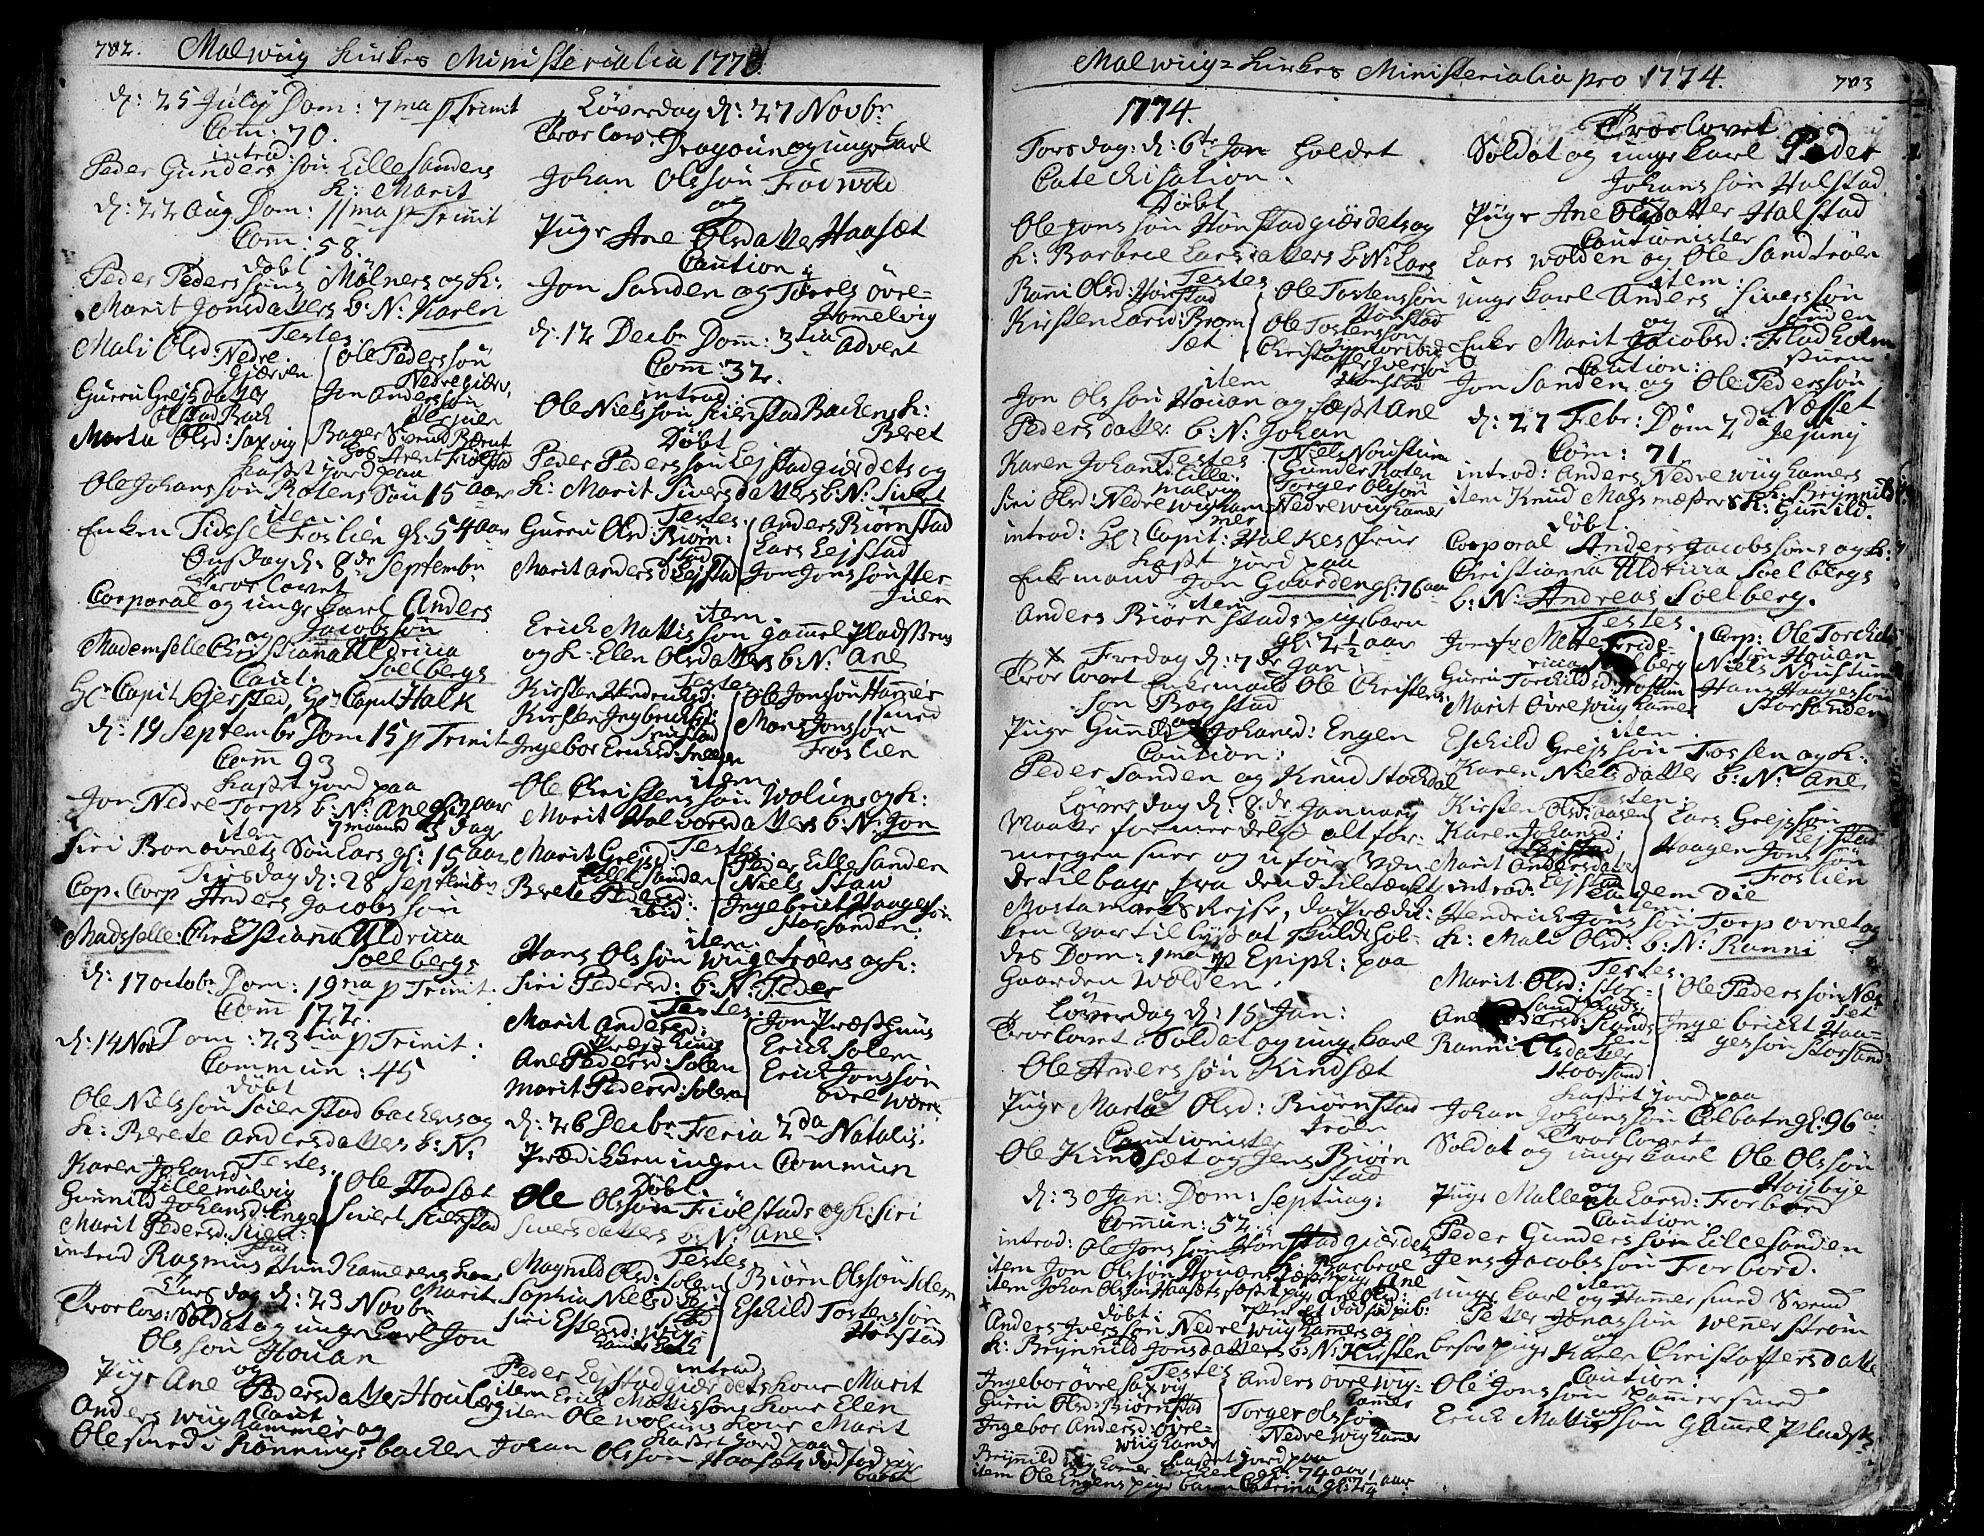 SAT, Ministerialprotokoller, klokkerbøker og fødselsregistre - Sør-Trøndelag, 606/L0277: Ministerialbok nr. 606A01 /3, 1727-1780, s. 702-703